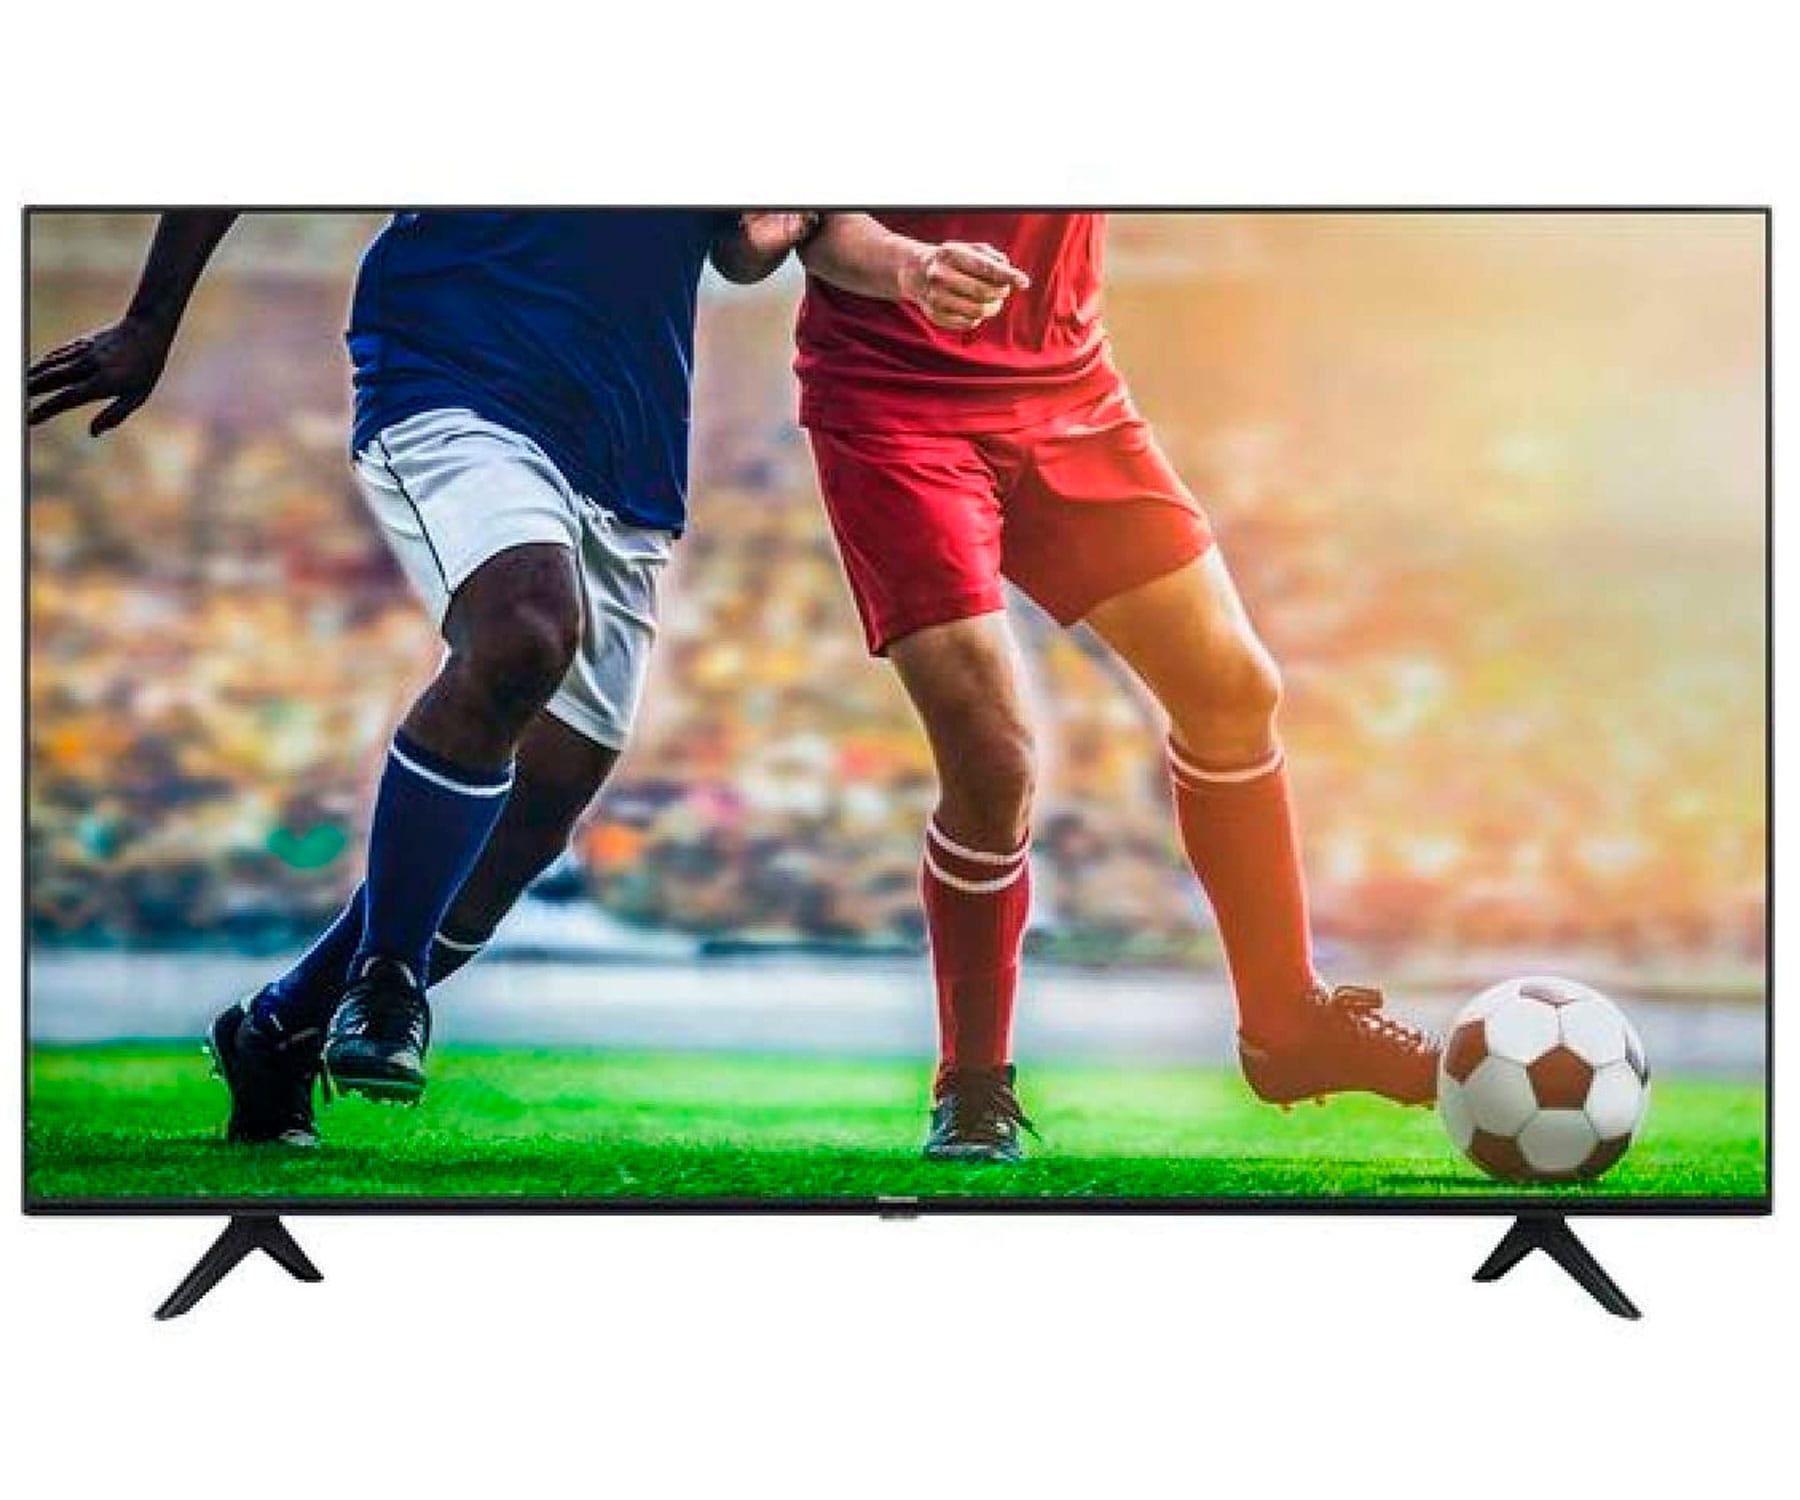 HISENSE H55A7100F TELEVISOR 55'' SMART TV LED 4K UHD HDR 1600PCI CI+ HDMI USB  BLUETOOTH